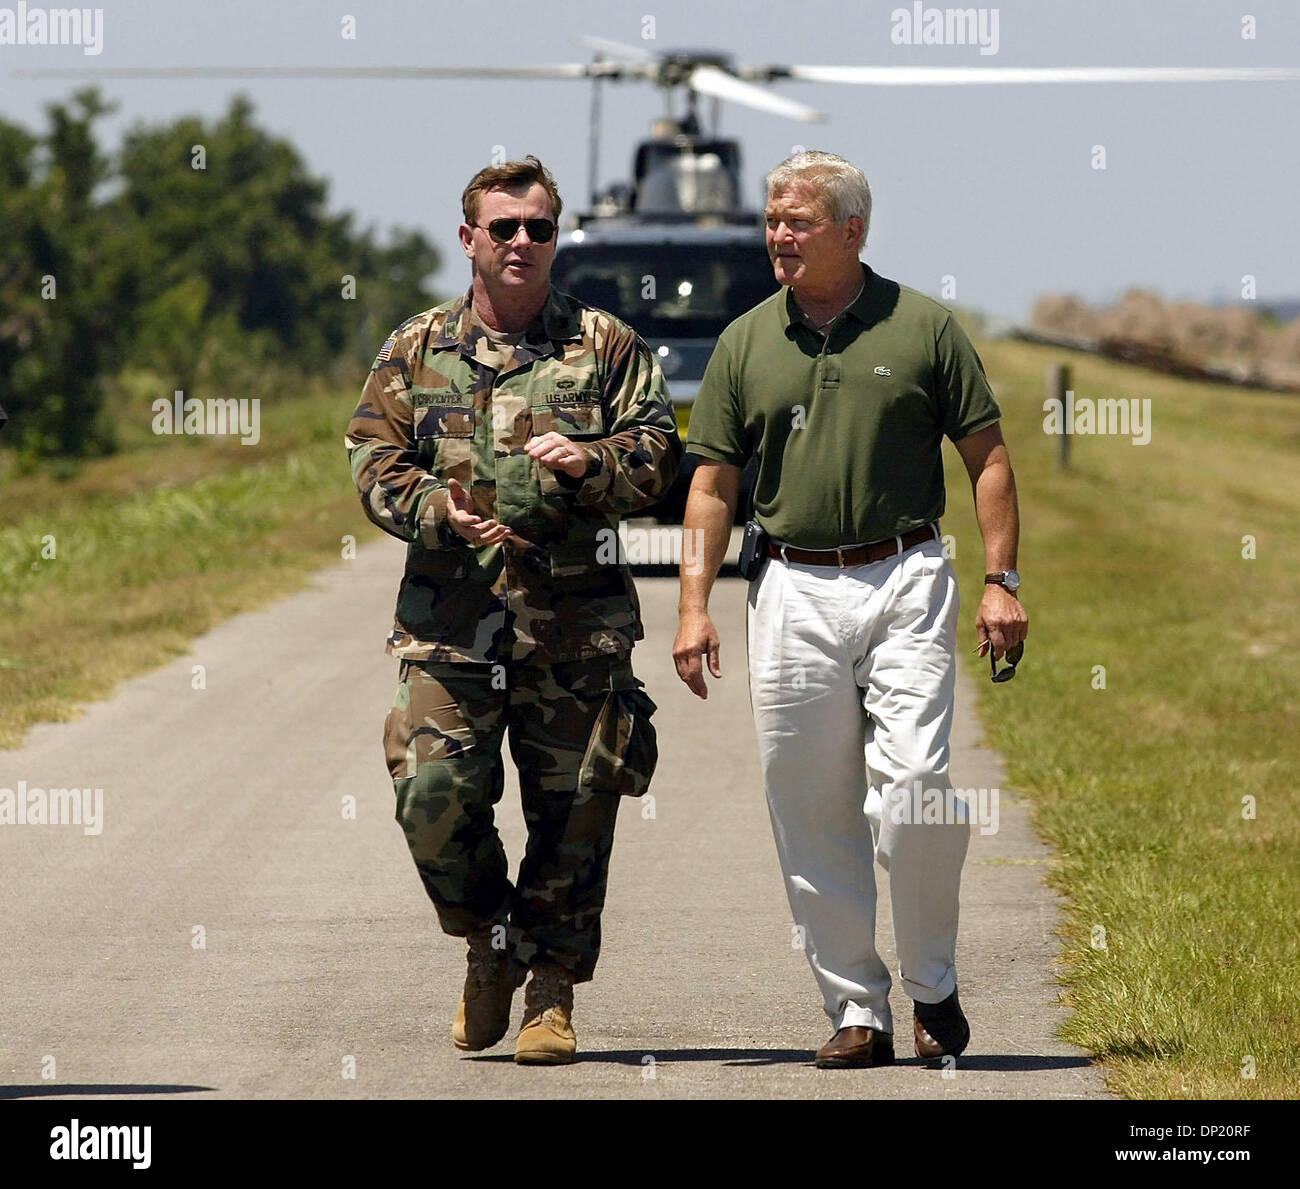 Mayo 12, 2006; Pahokee, Florida, EE.UU.; el ex representante Mark Foley está en un centro de tratamiento del alcoholismo Foto de stock